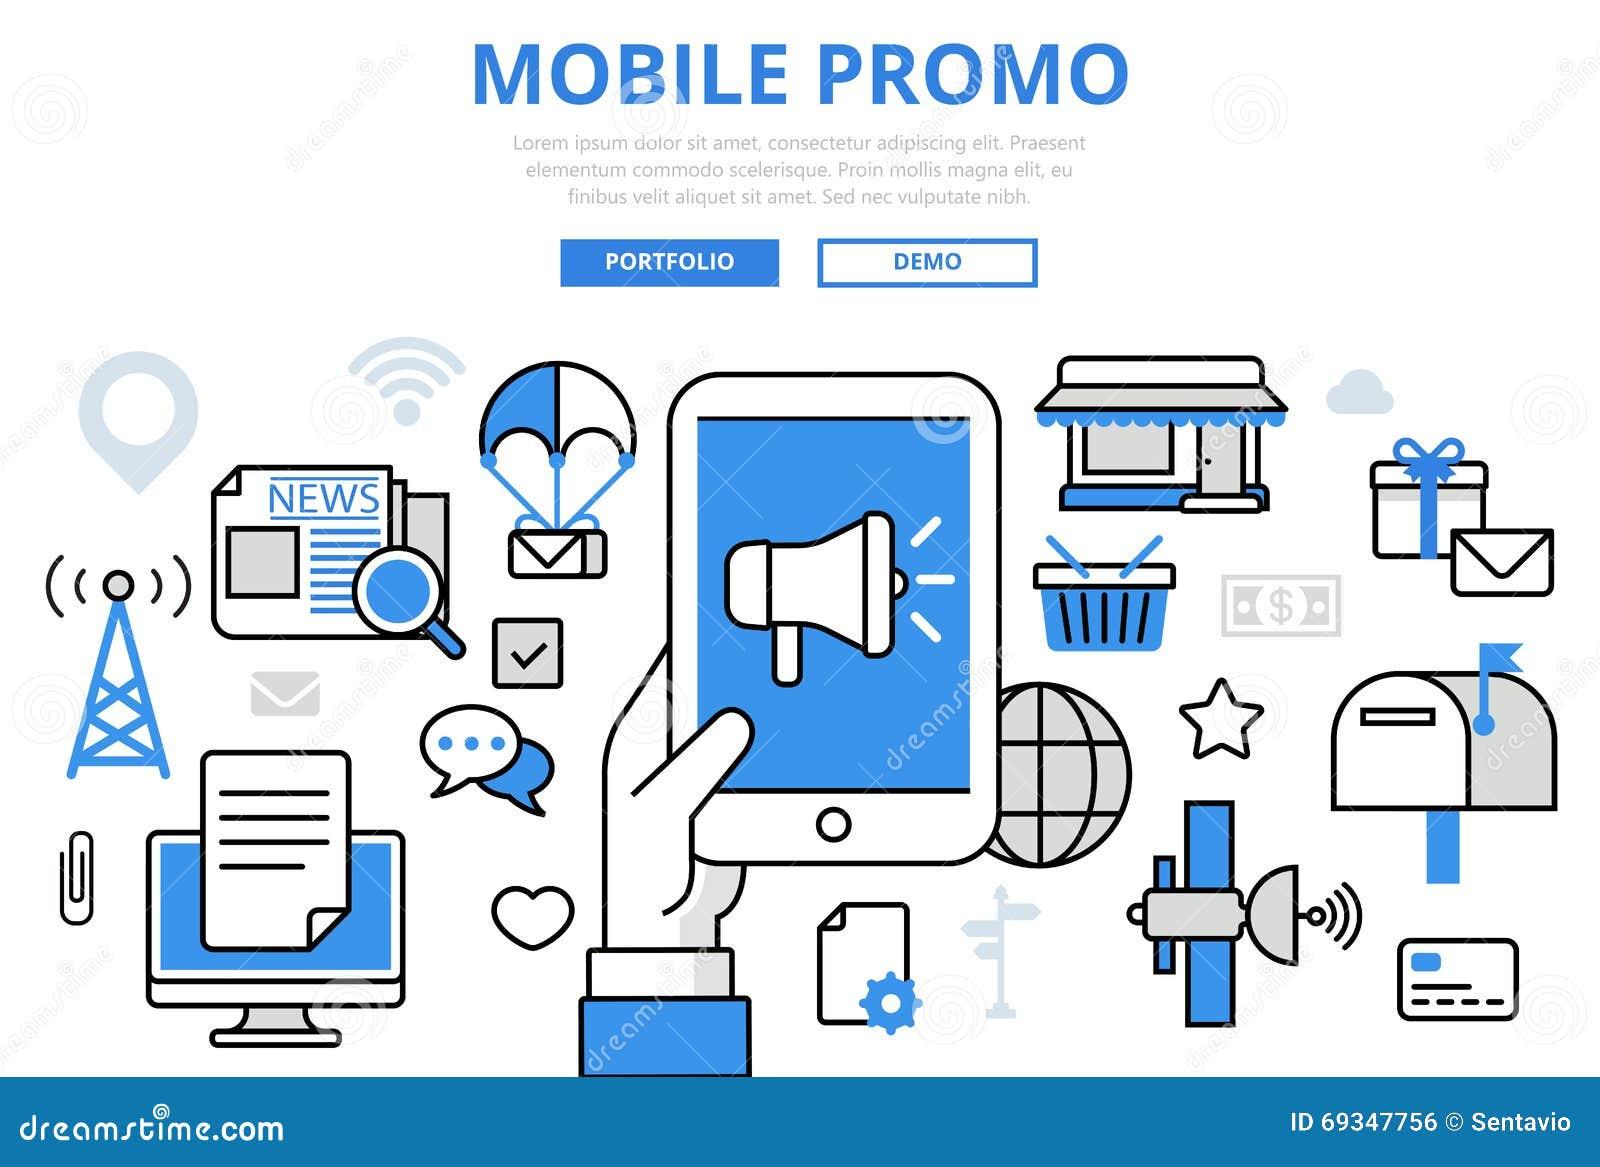 mobile promo digital marketing concept flat line art. Black Bedroom Furniture Sets. Home Design Ideas